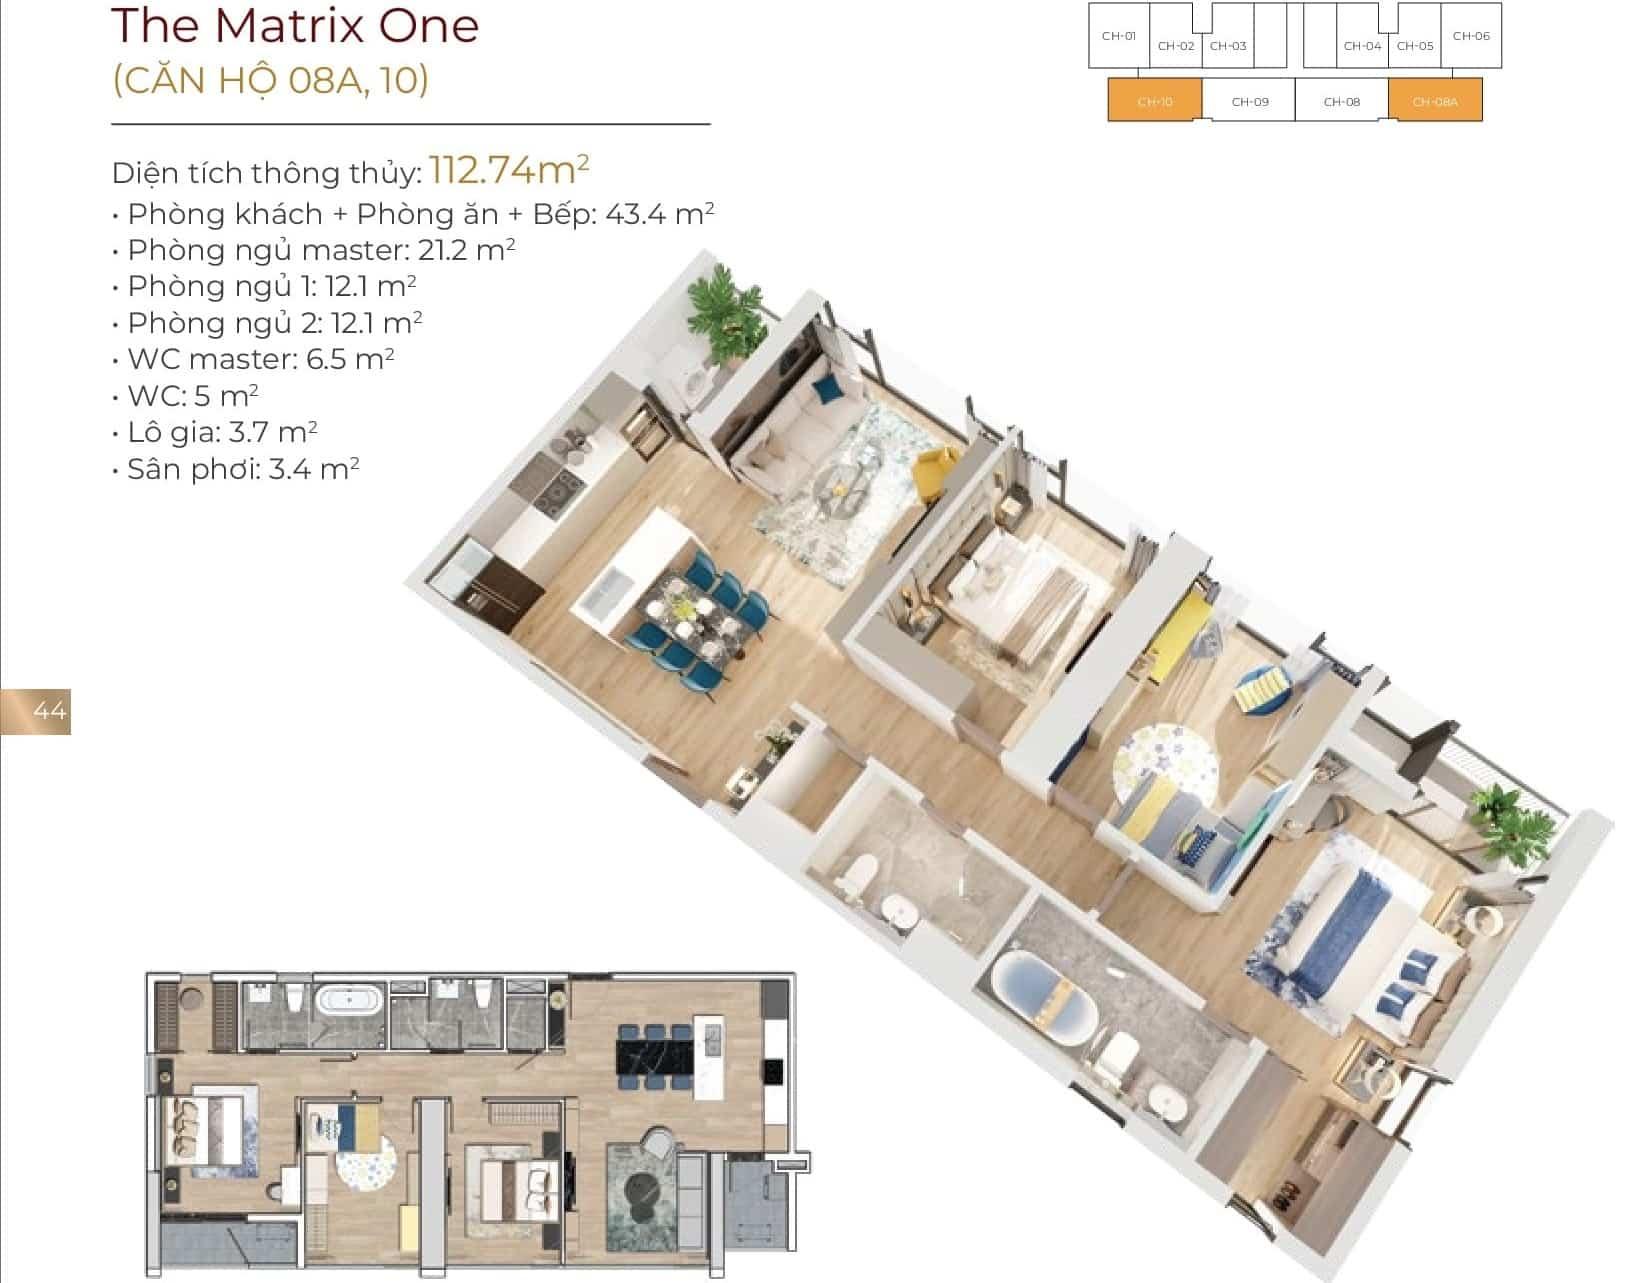 Thiết kế căn hộ 08A, 10